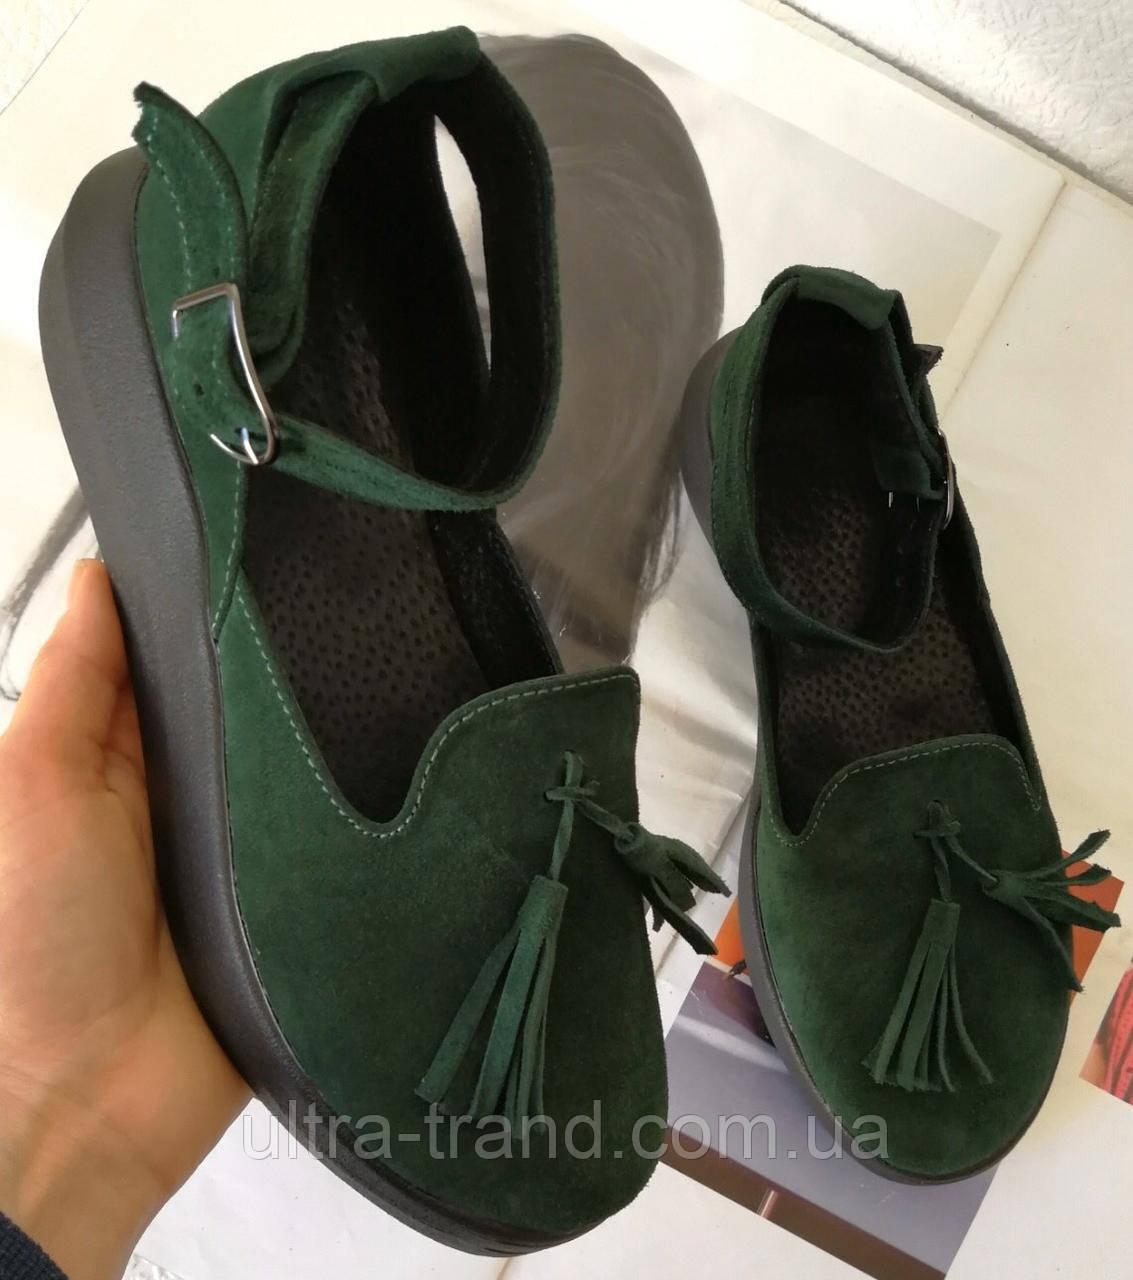 Elle шик! удобные замшевые женские осенние туфли на средней платформе зеленого цвета